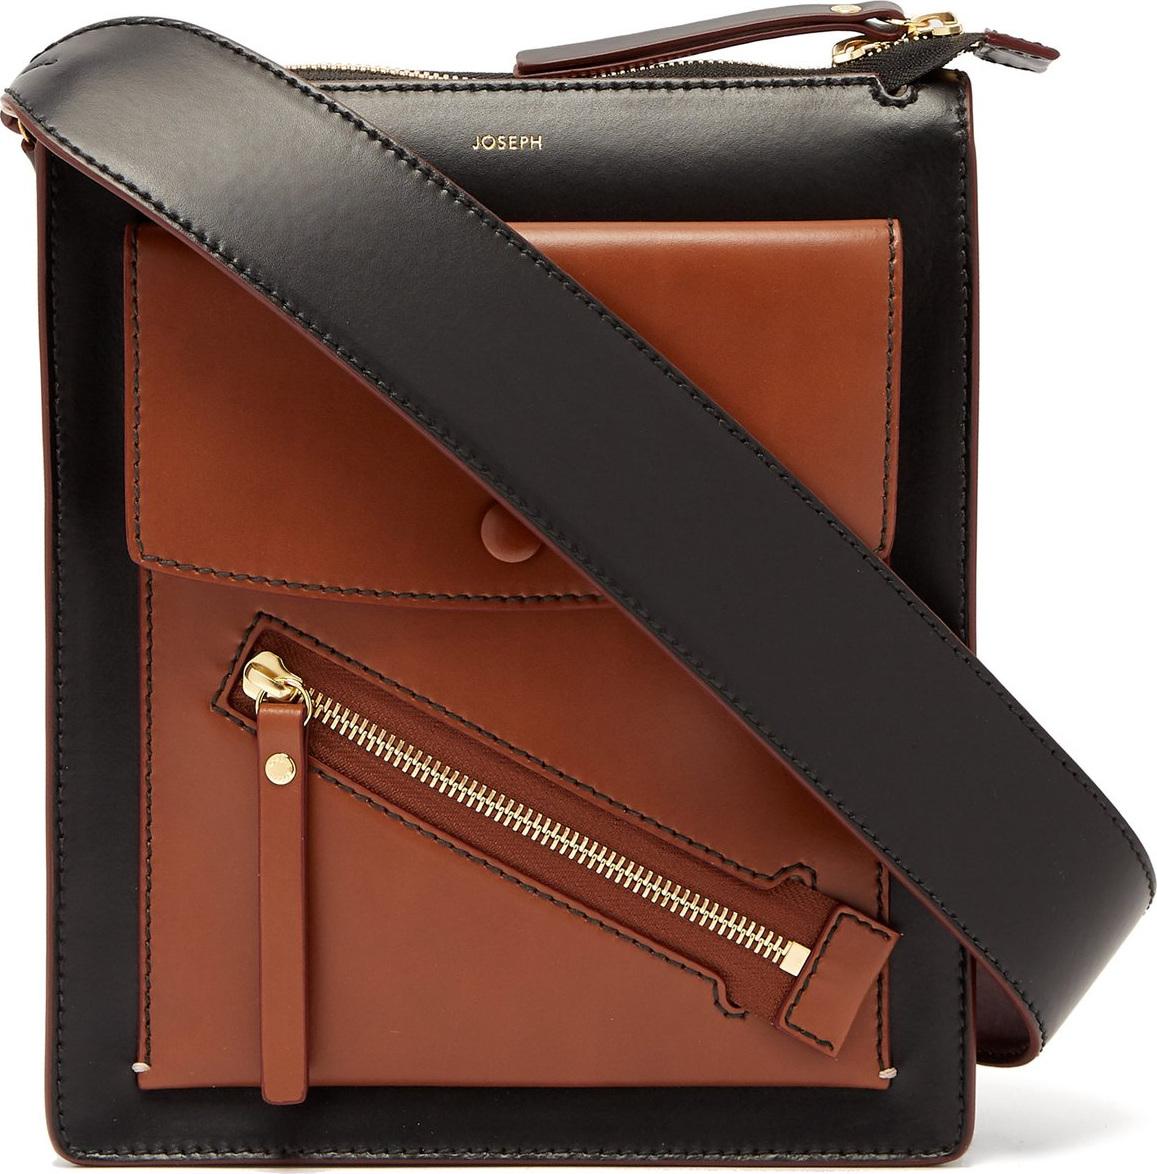 Joseph - Mortimer leather shoulder bag